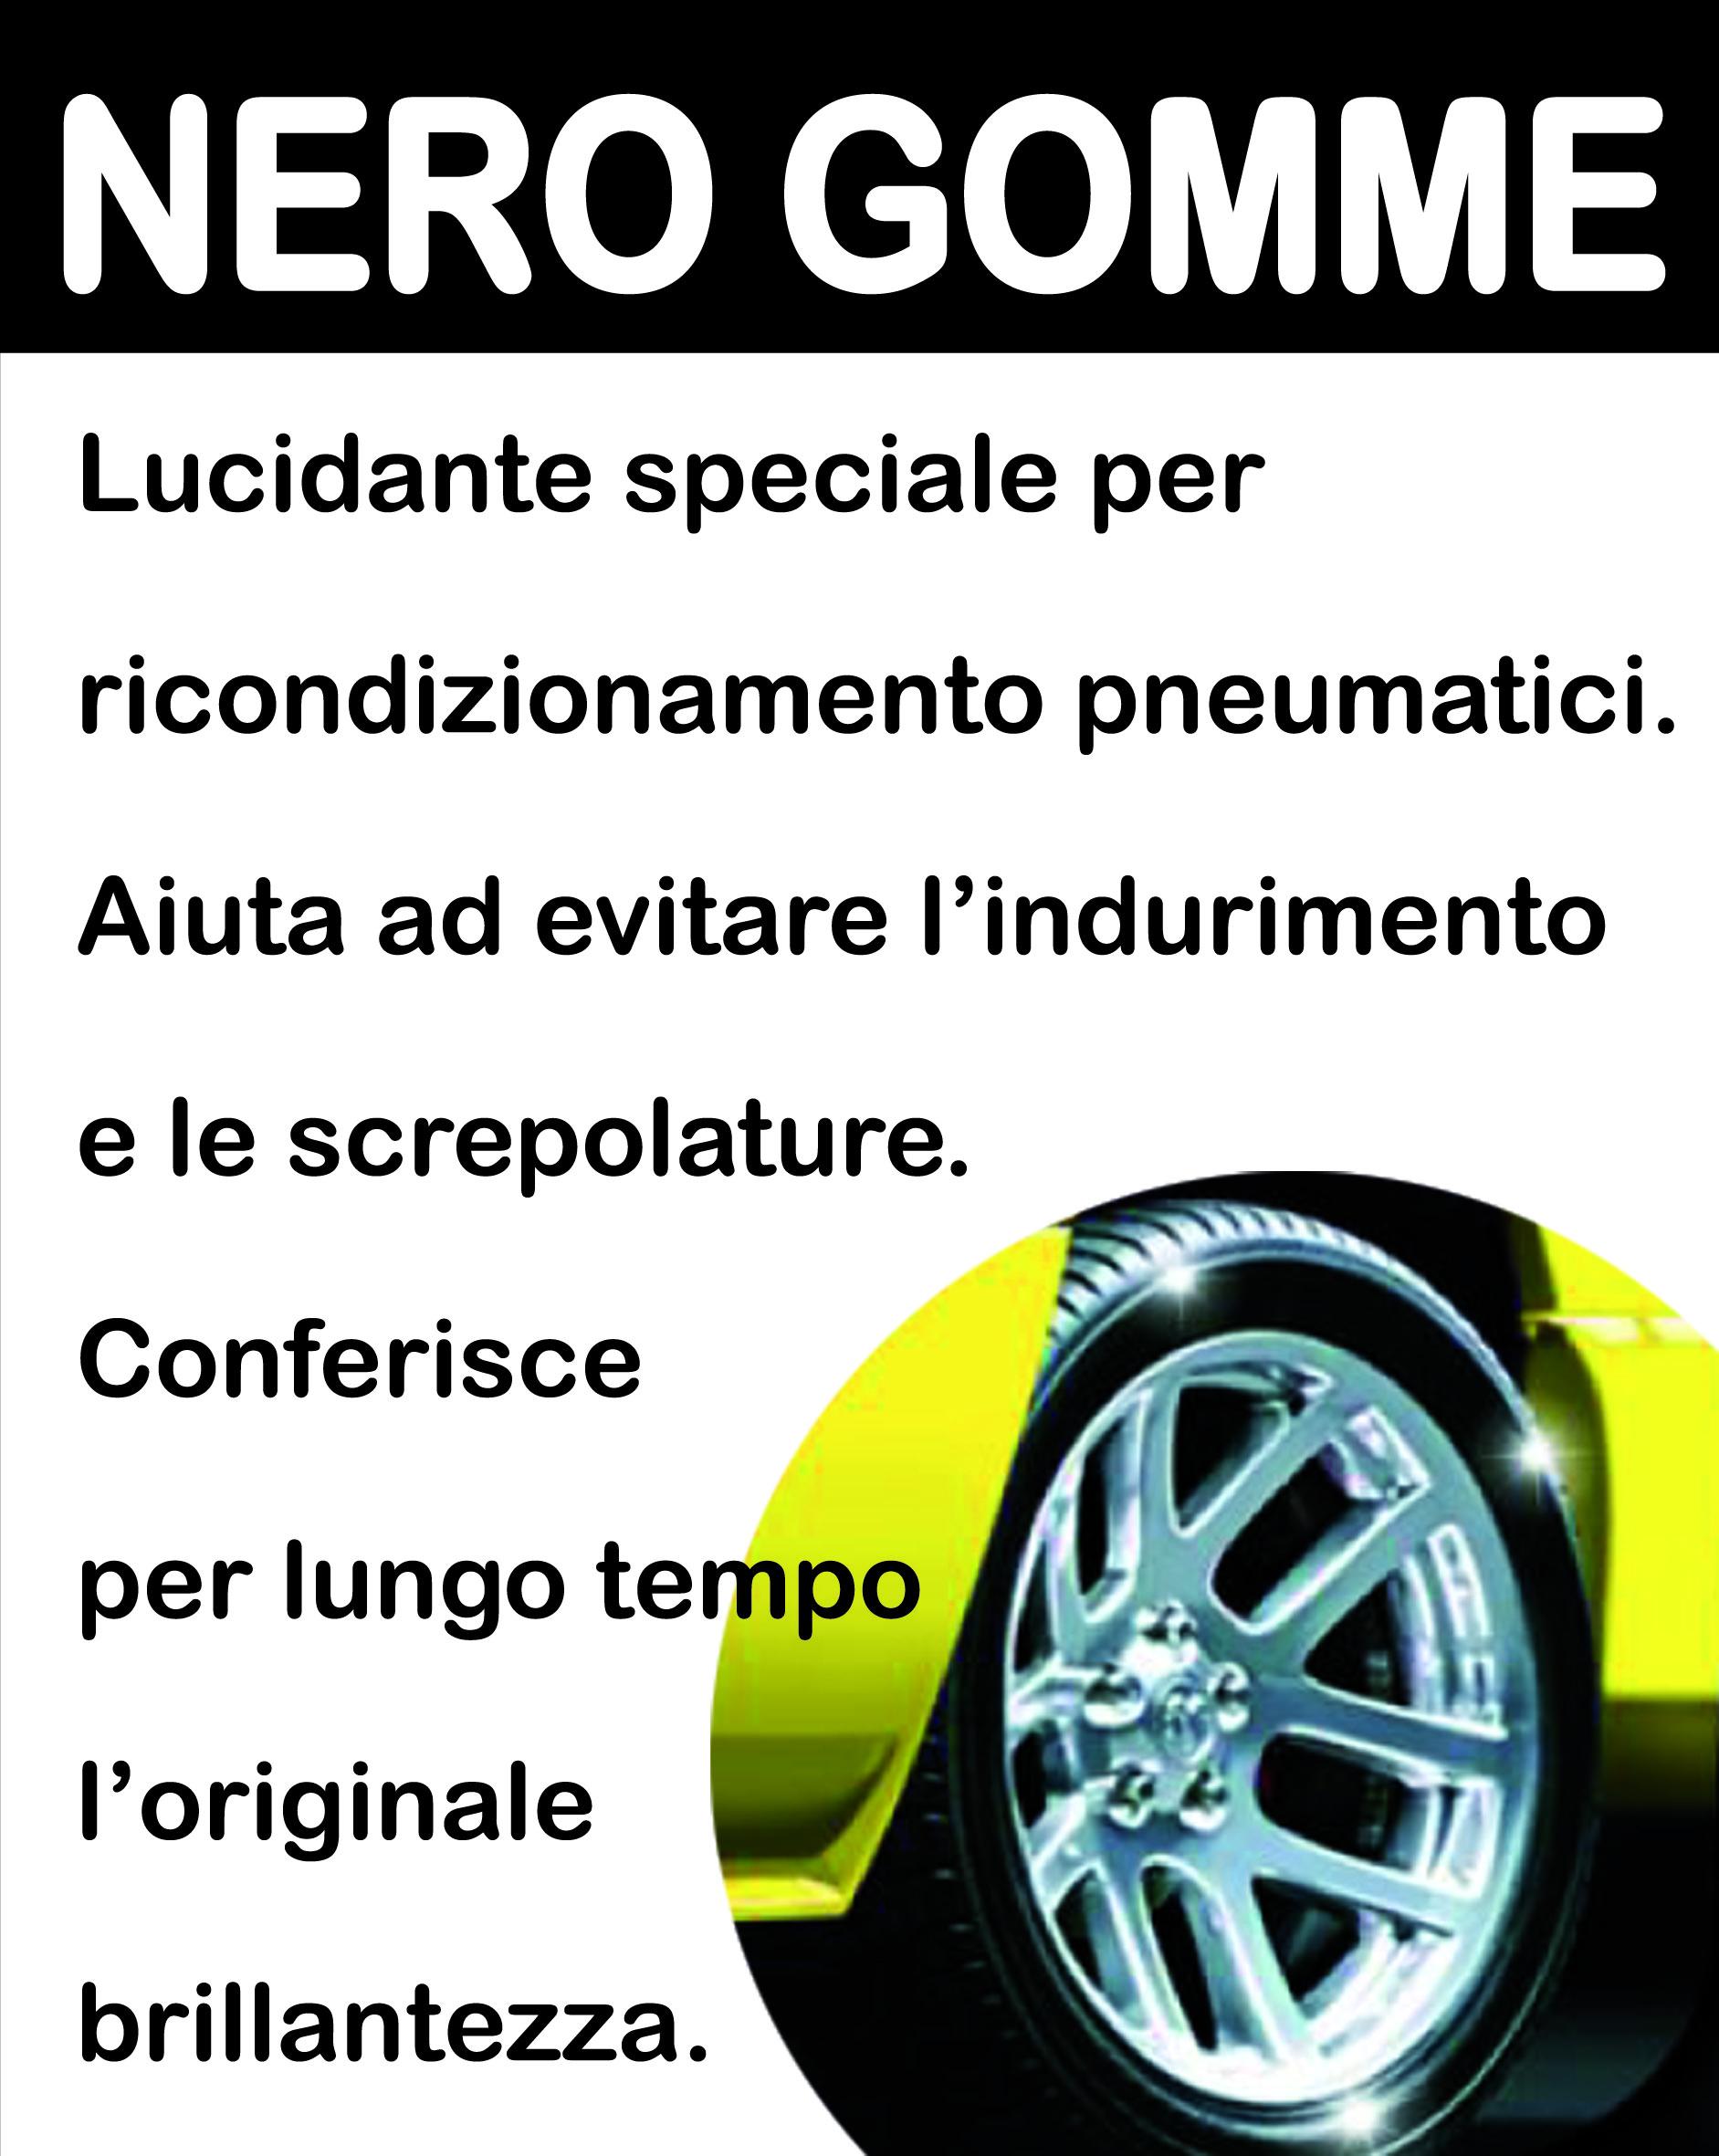 NERO-GOMME